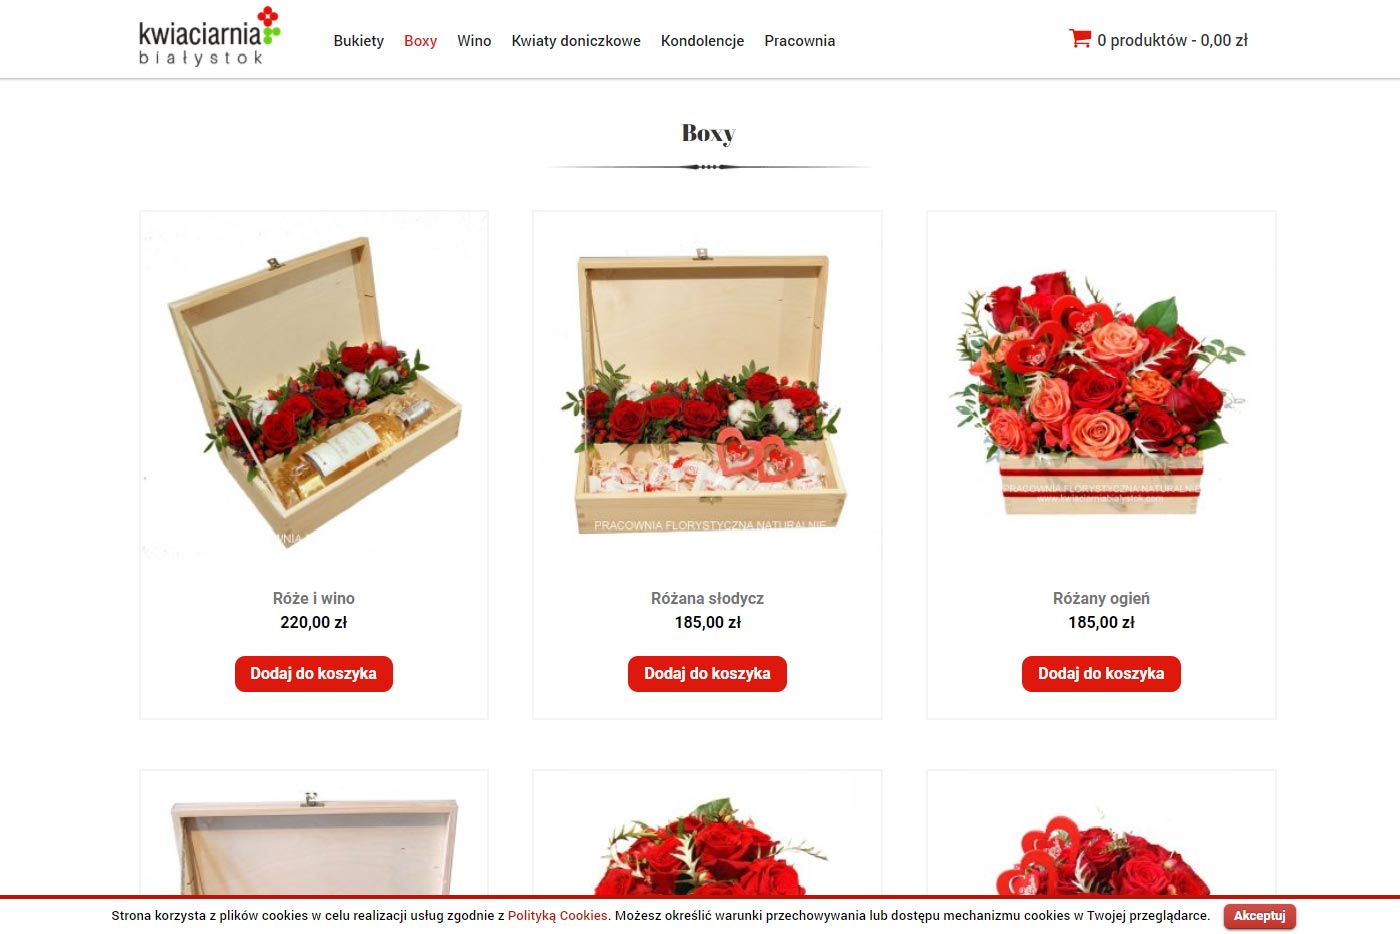 kwiaciarniabialystok-pl-strony-www-sklepy-internetowe-białystok-evion-agencja-reklamowa-marketingowa2